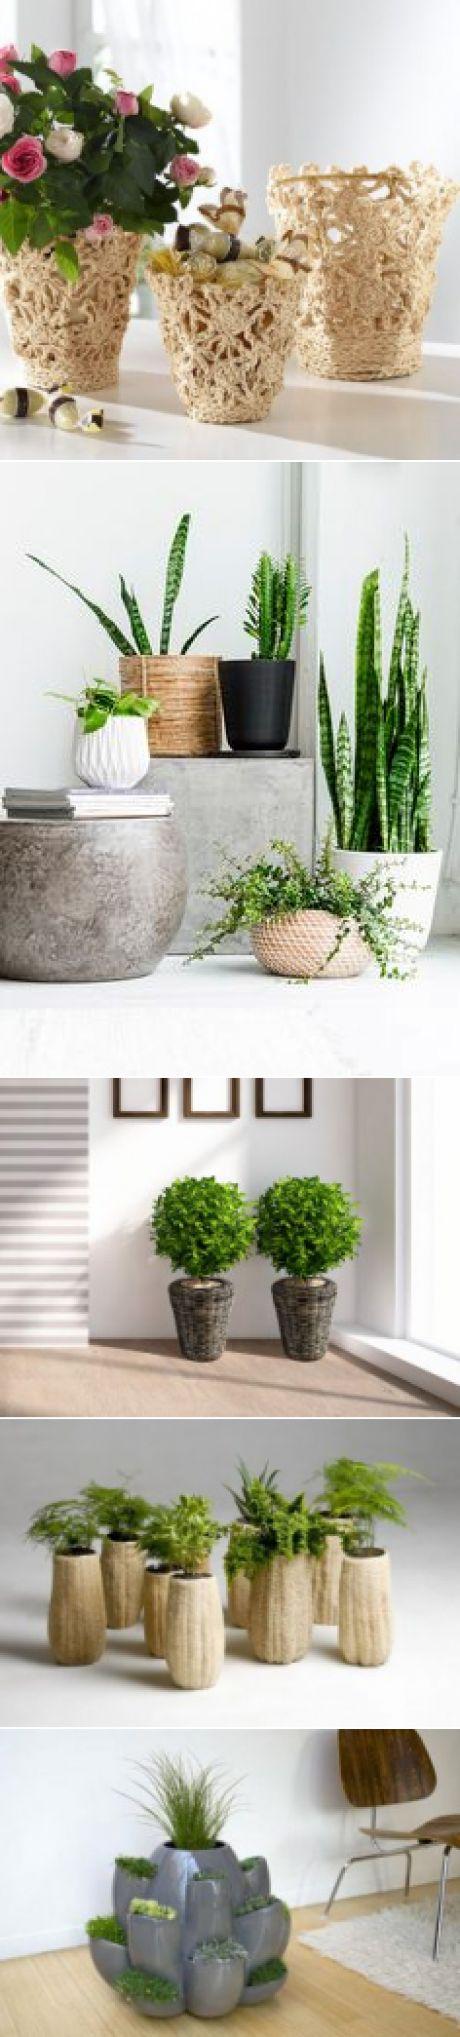 Кашпо для цветов в интерьере - фото примеров